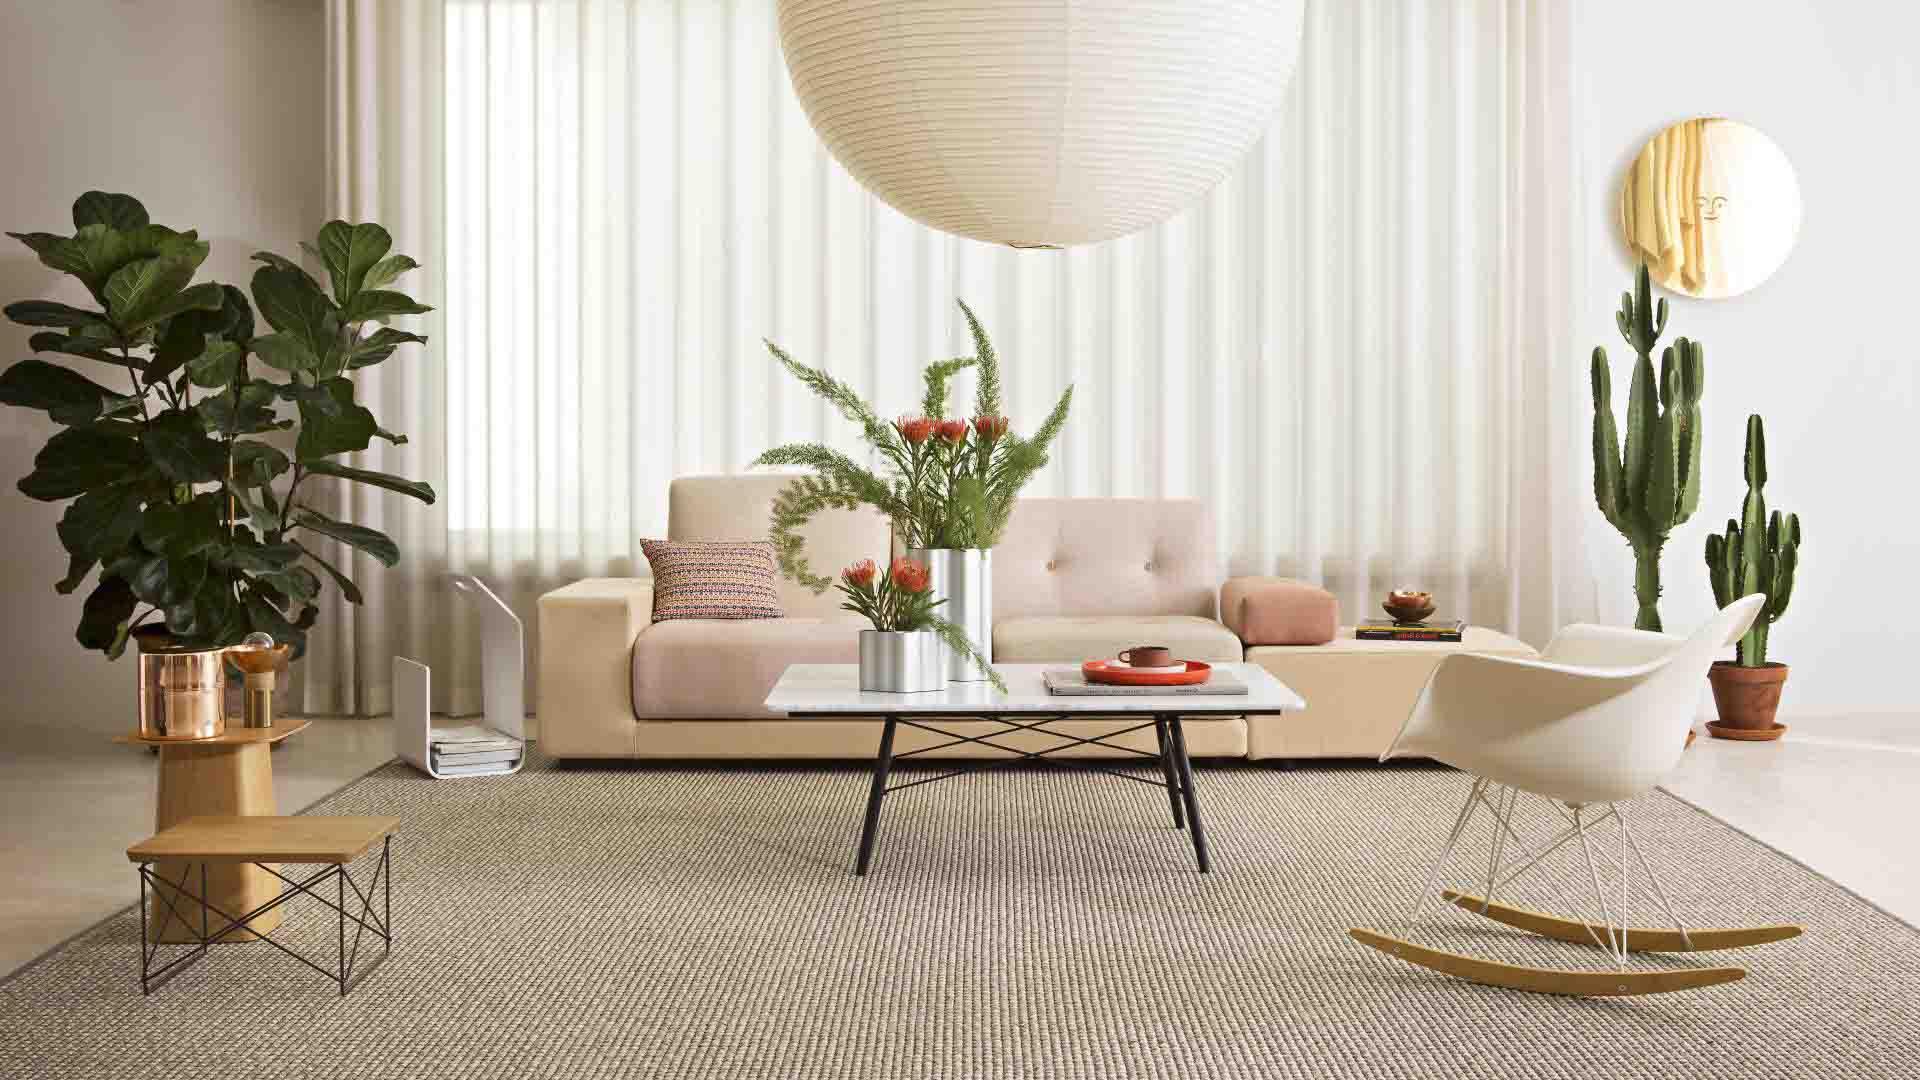 alfombra fibras naturales ibiza c5 6